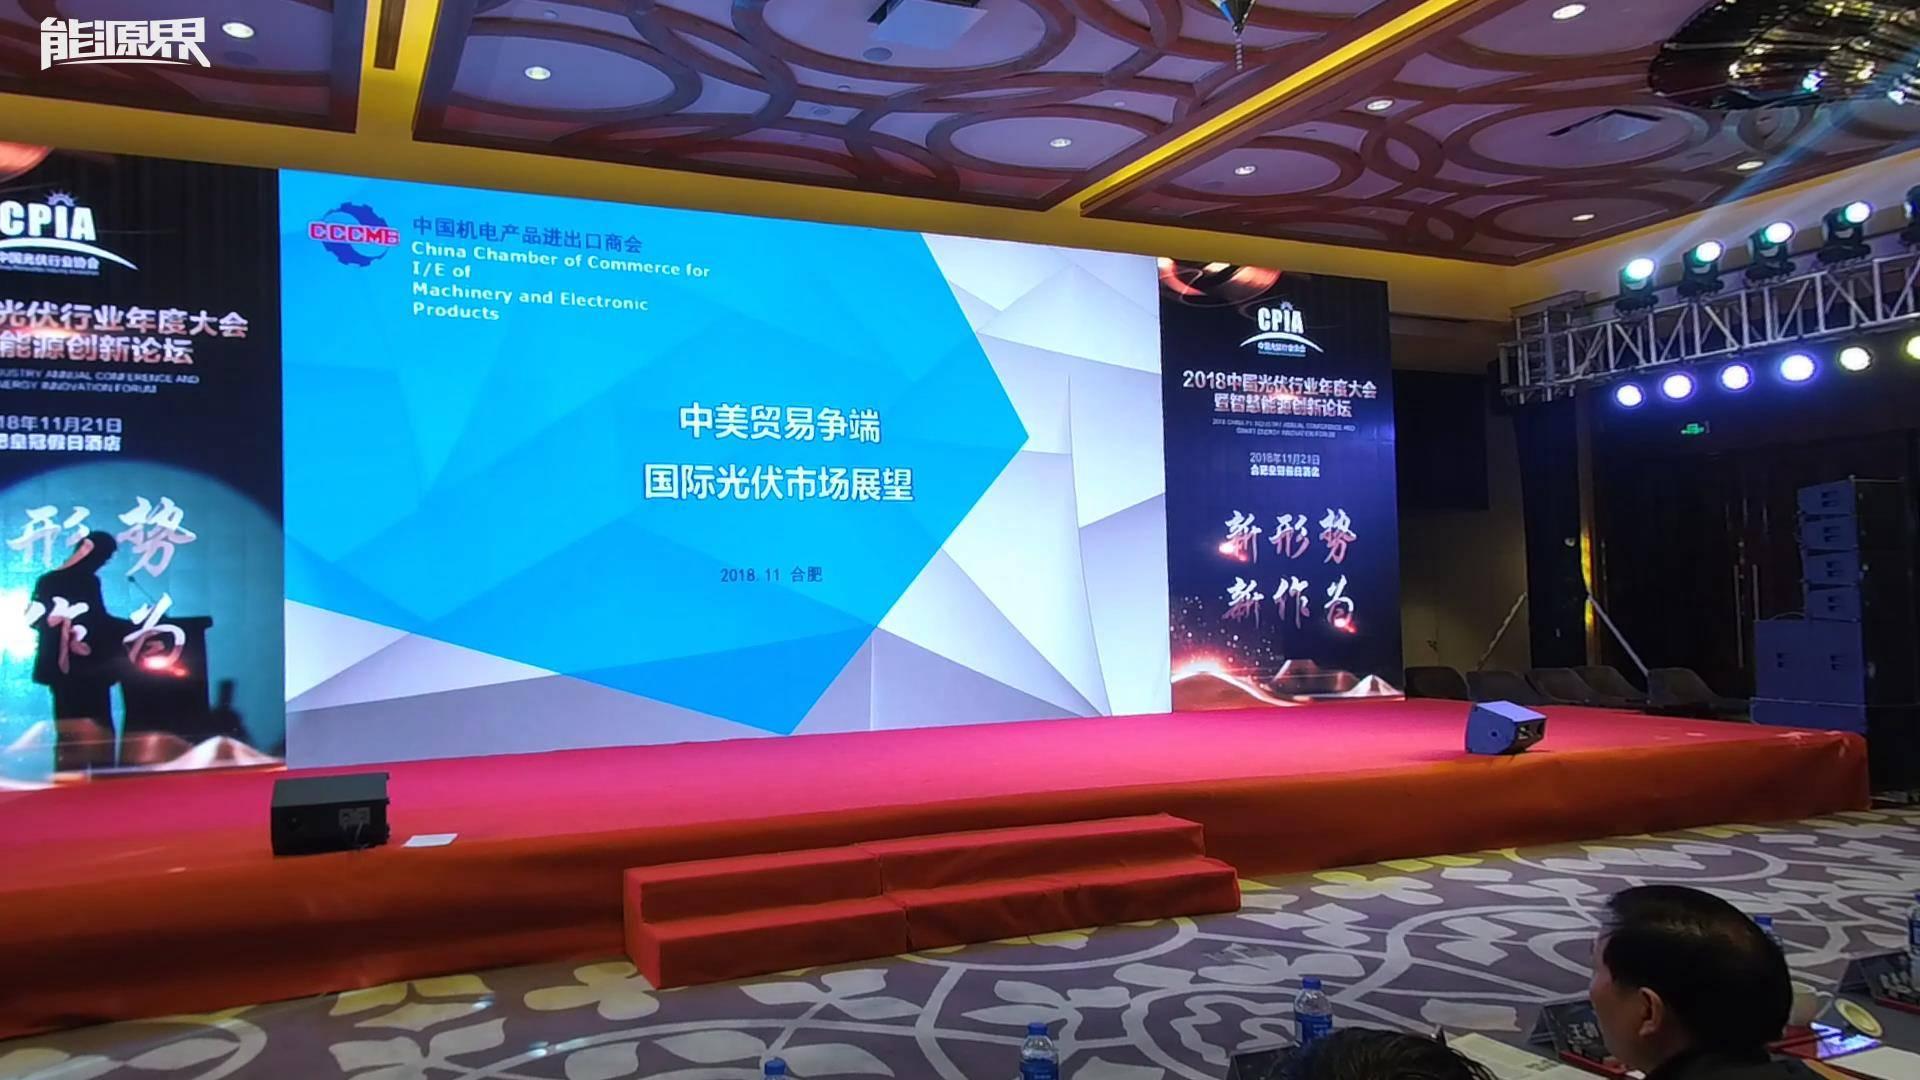 王贵清:中美贸易争端 国际光伏市场展望